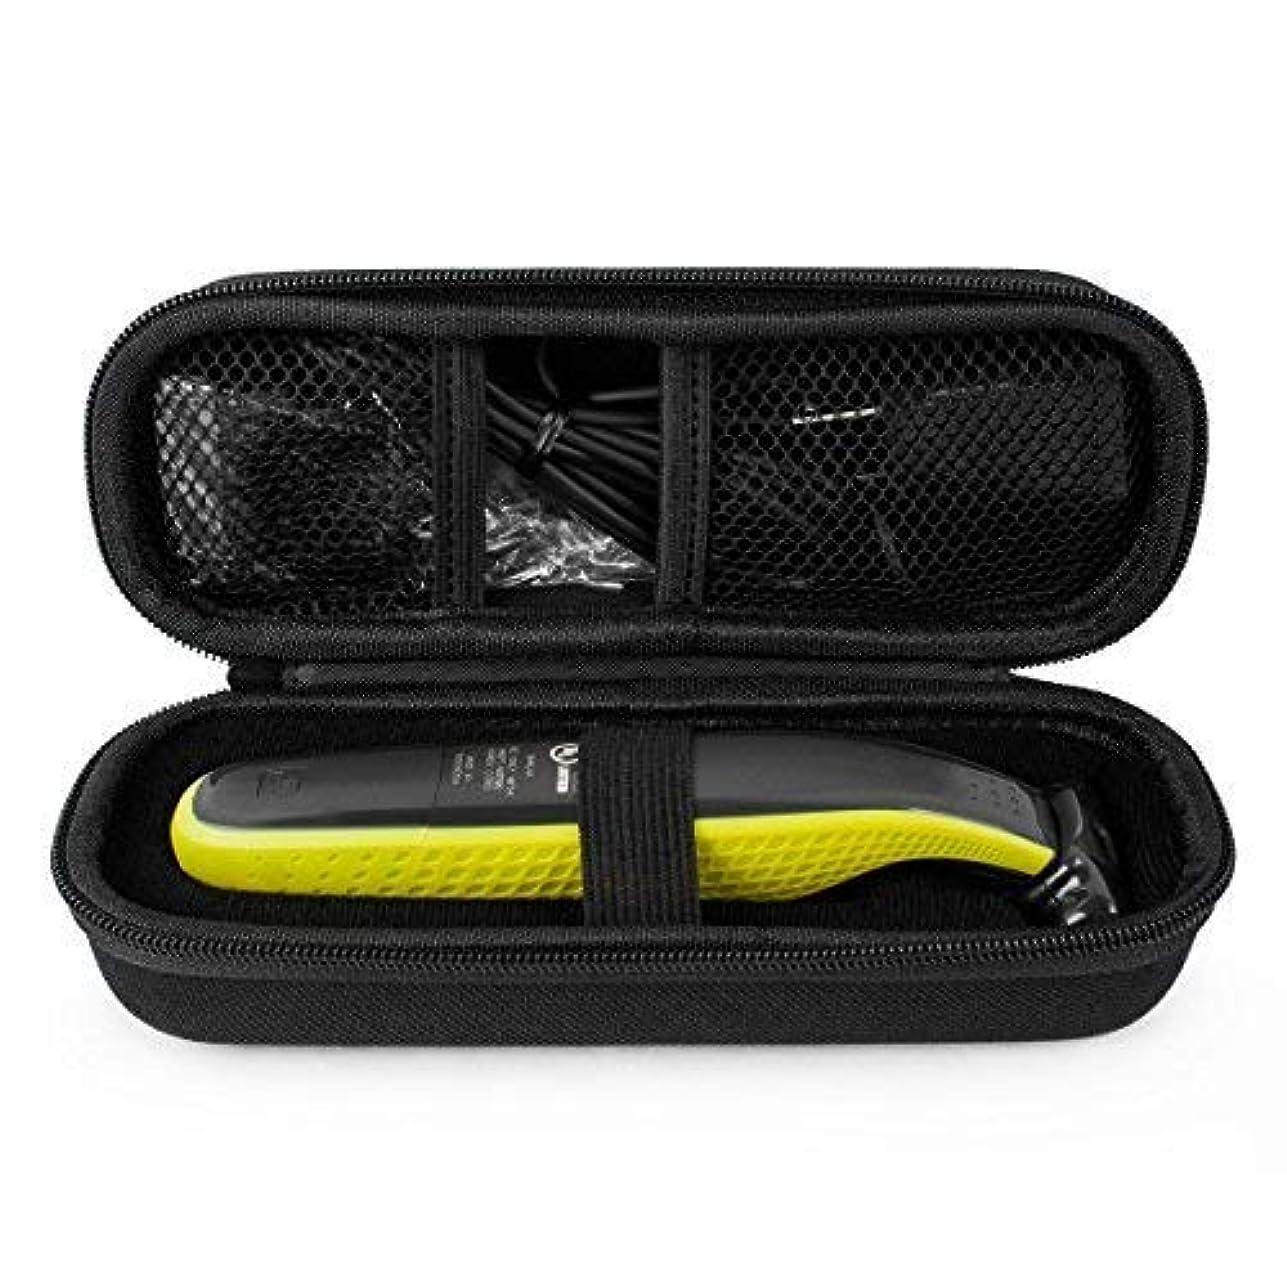 成果寄託幼児Norelco OneBladeハイブリッド電気トリマーシェーバー用QSHAVEハードトラベルケース、QP2520 QP2570旅行用収納オーガナイザーケースバッグ